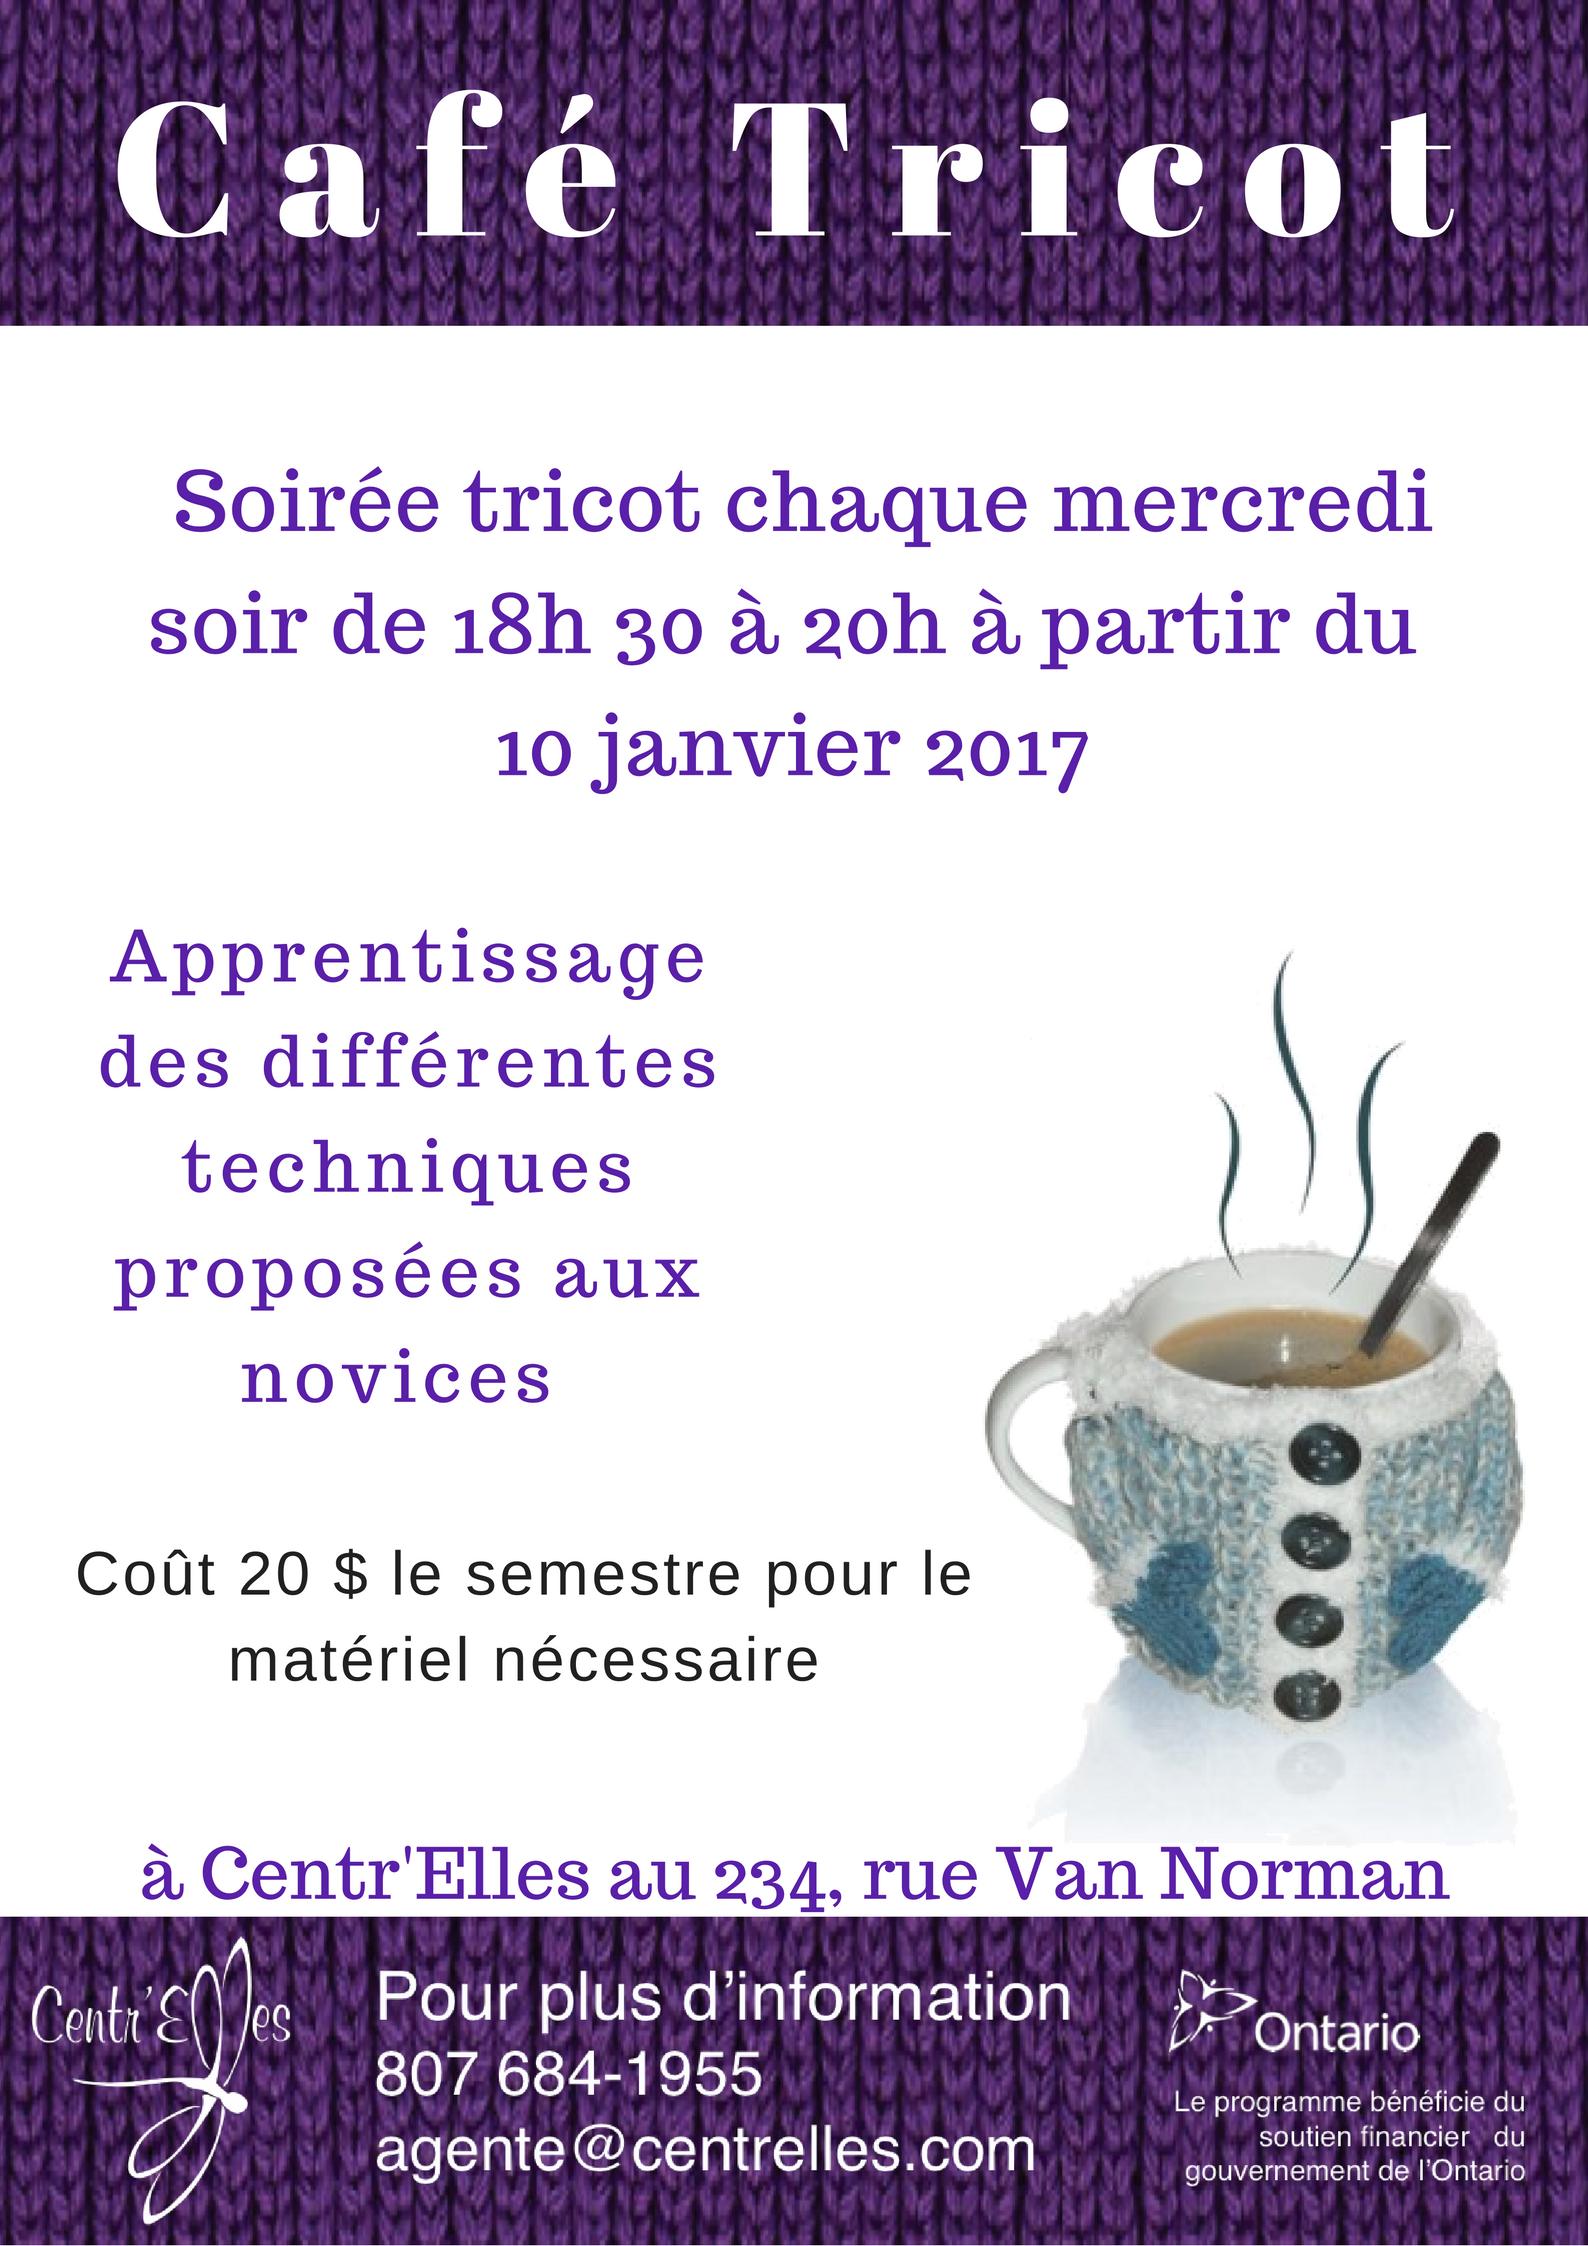 Café Tricot Mercredi soir (3).png